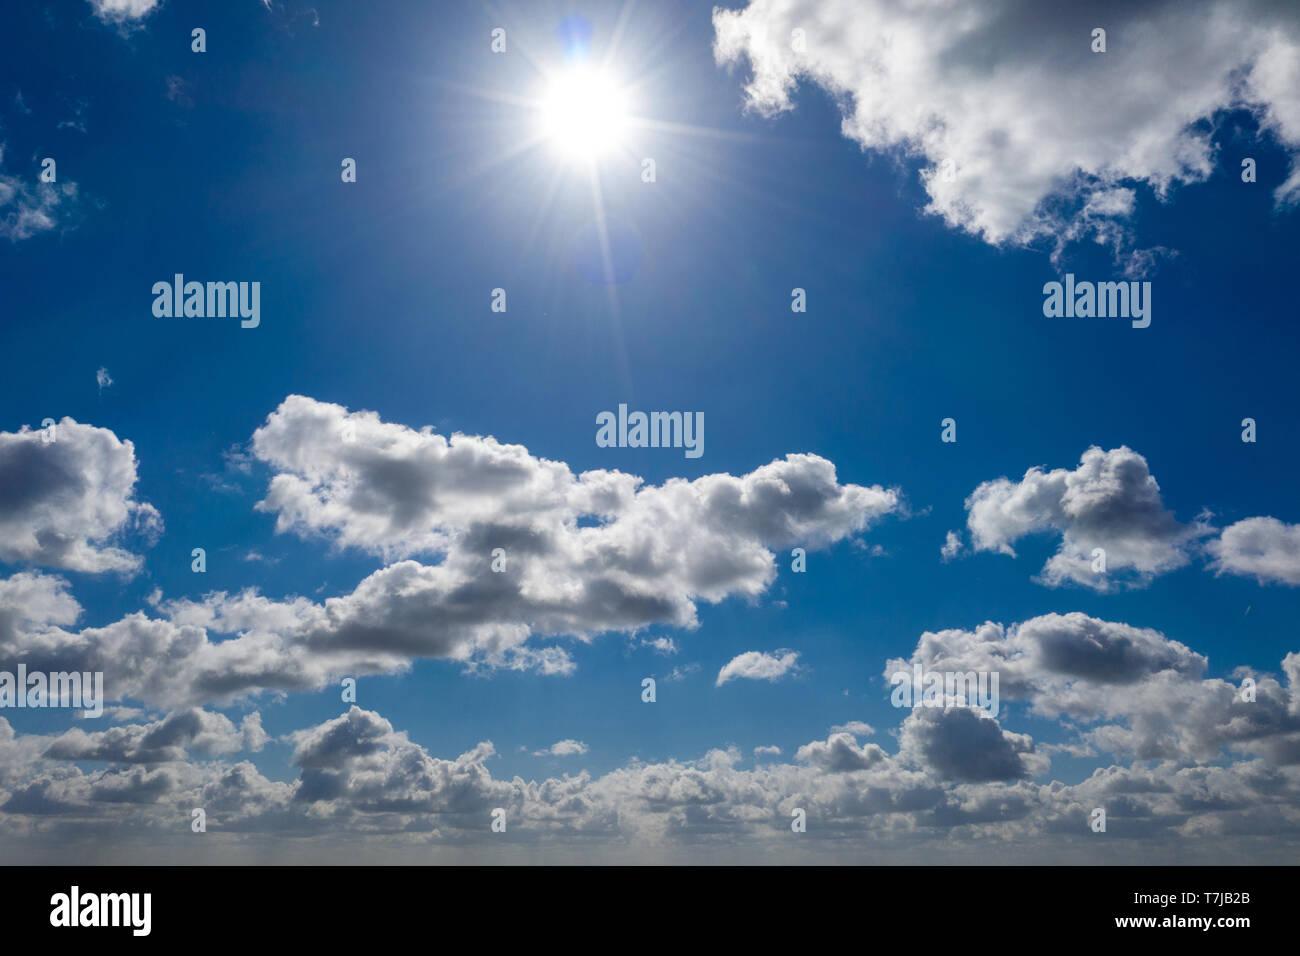 Eine traumhafte blauer Himmel mit weißen Wolken Schafe Stockfoto